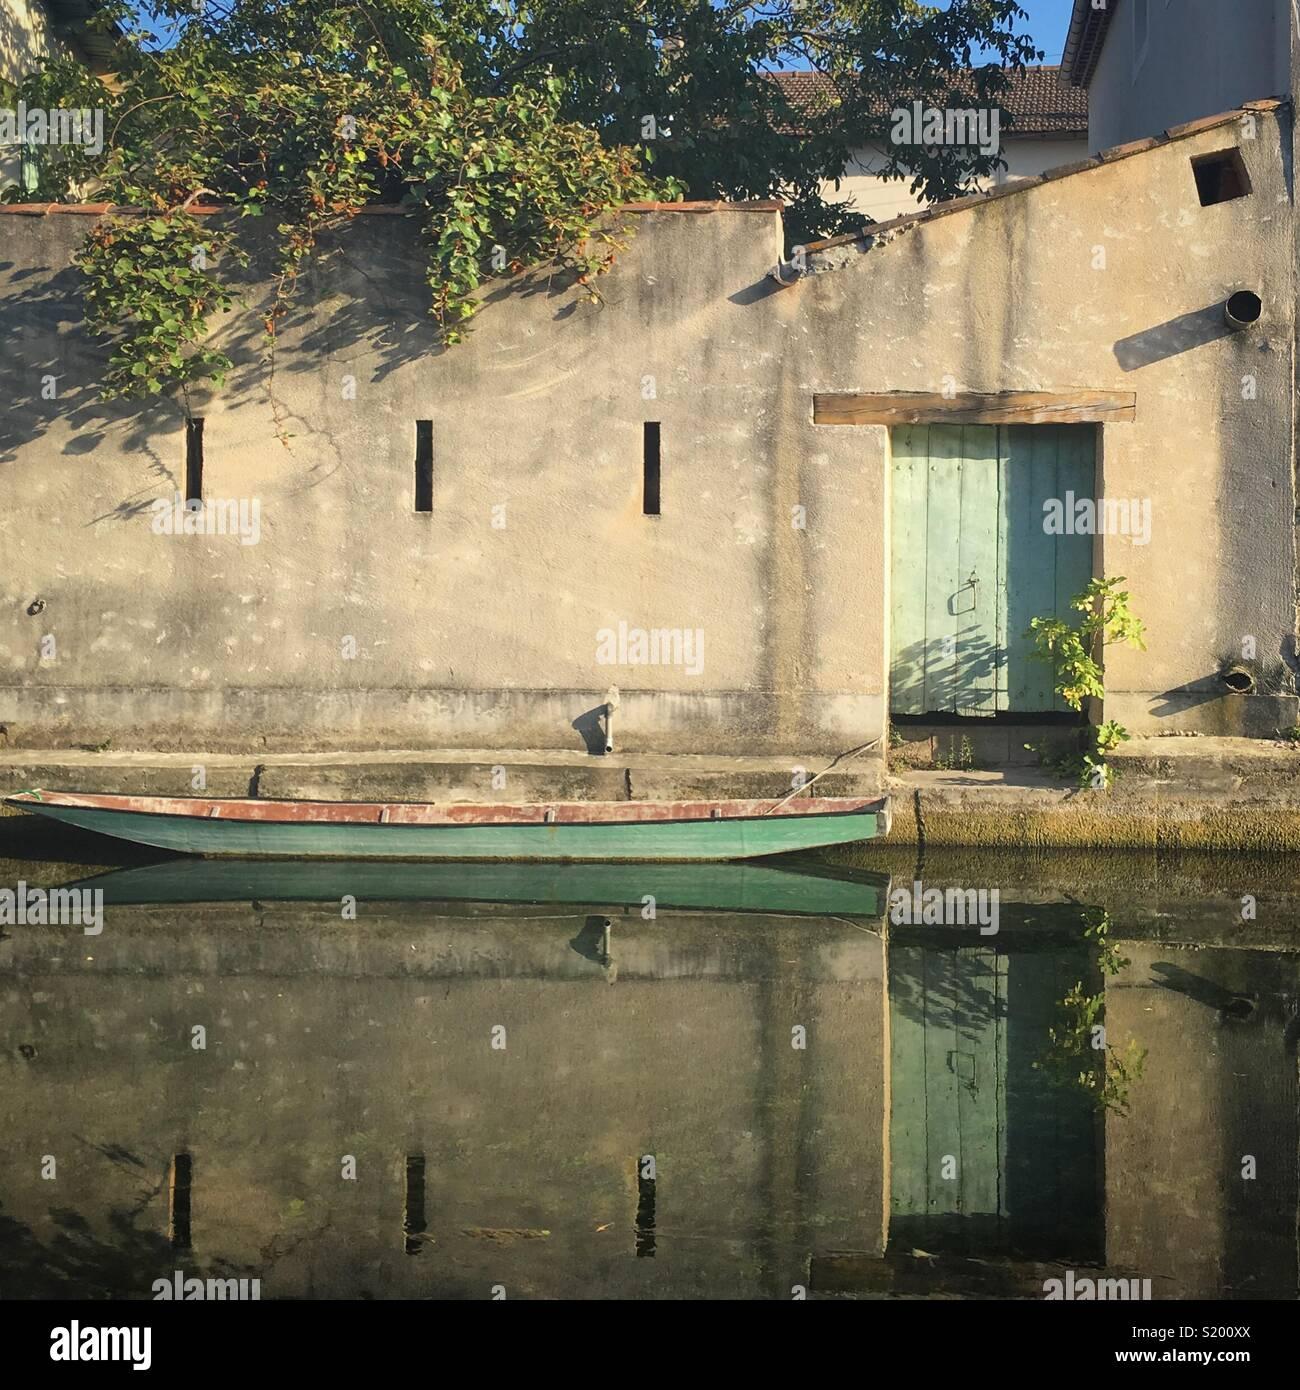 Una barca in acqua in L'Isle sur la Sorgue, Provenza, Francia Immagini Stock